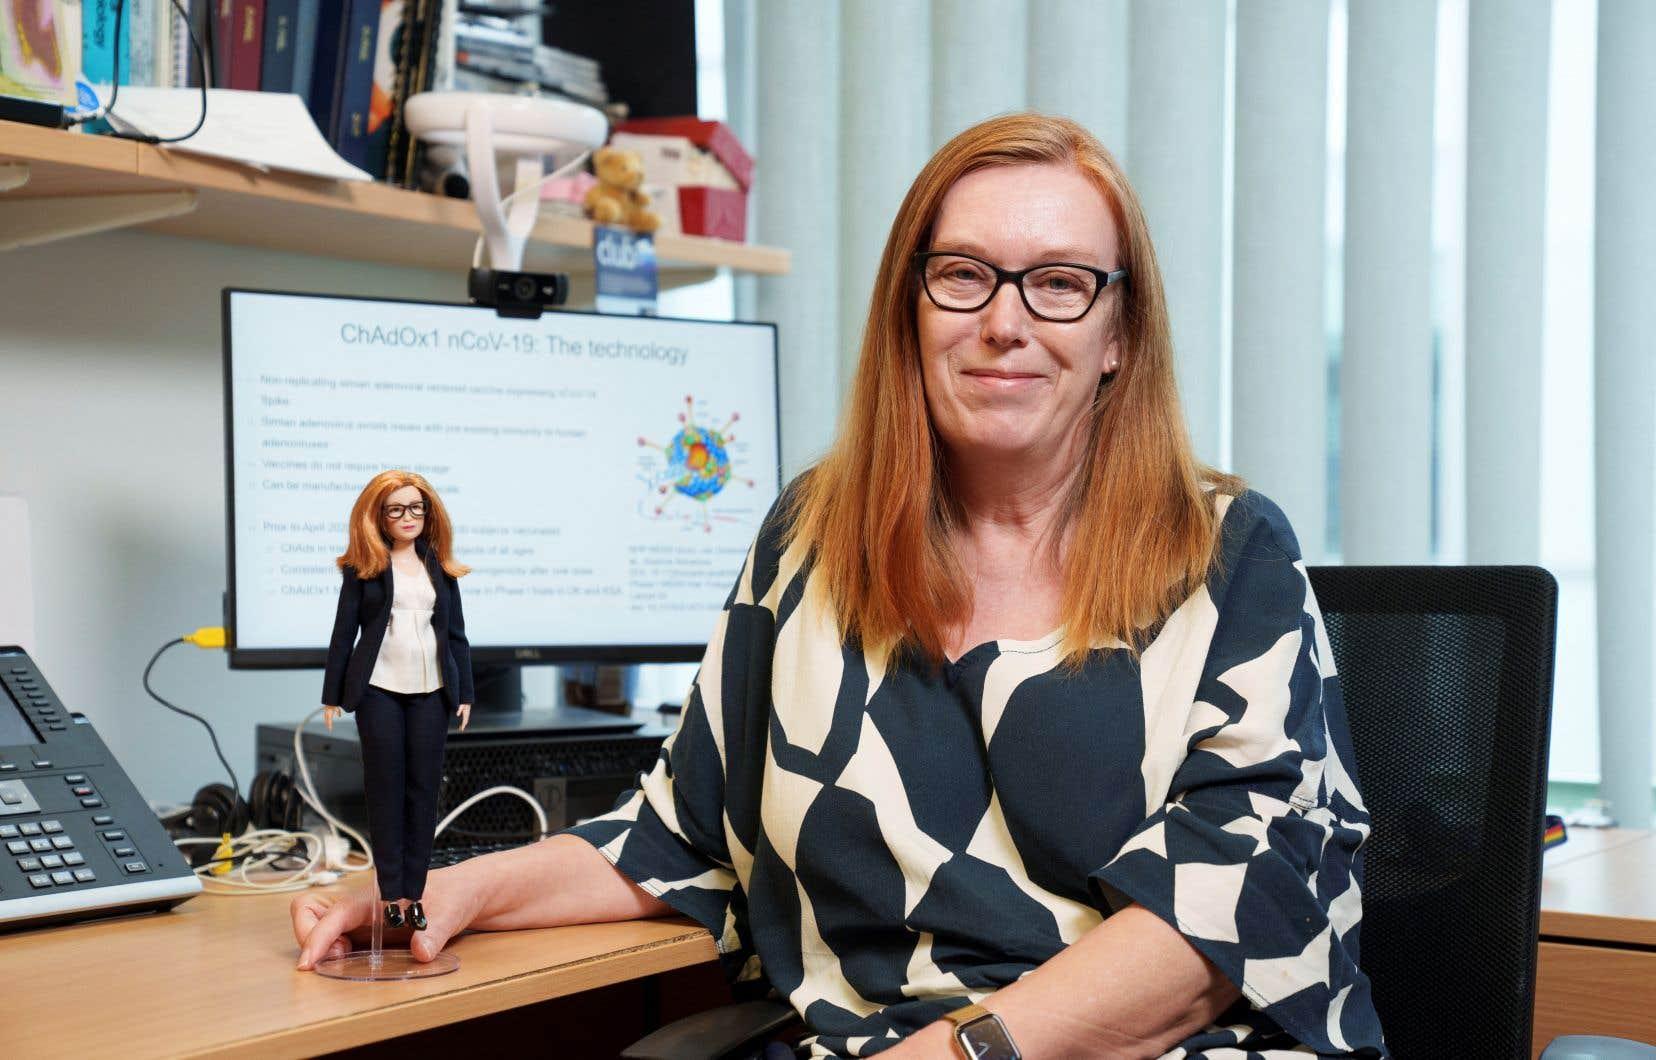 Le fabricant de jouets Mattel a créé une poupée Barbie en l'honneur de la scientifique britannique Sarah Gilbert, co-créatrice du vaccin d'Oxford/AstraZeneca contre la COVID-19.